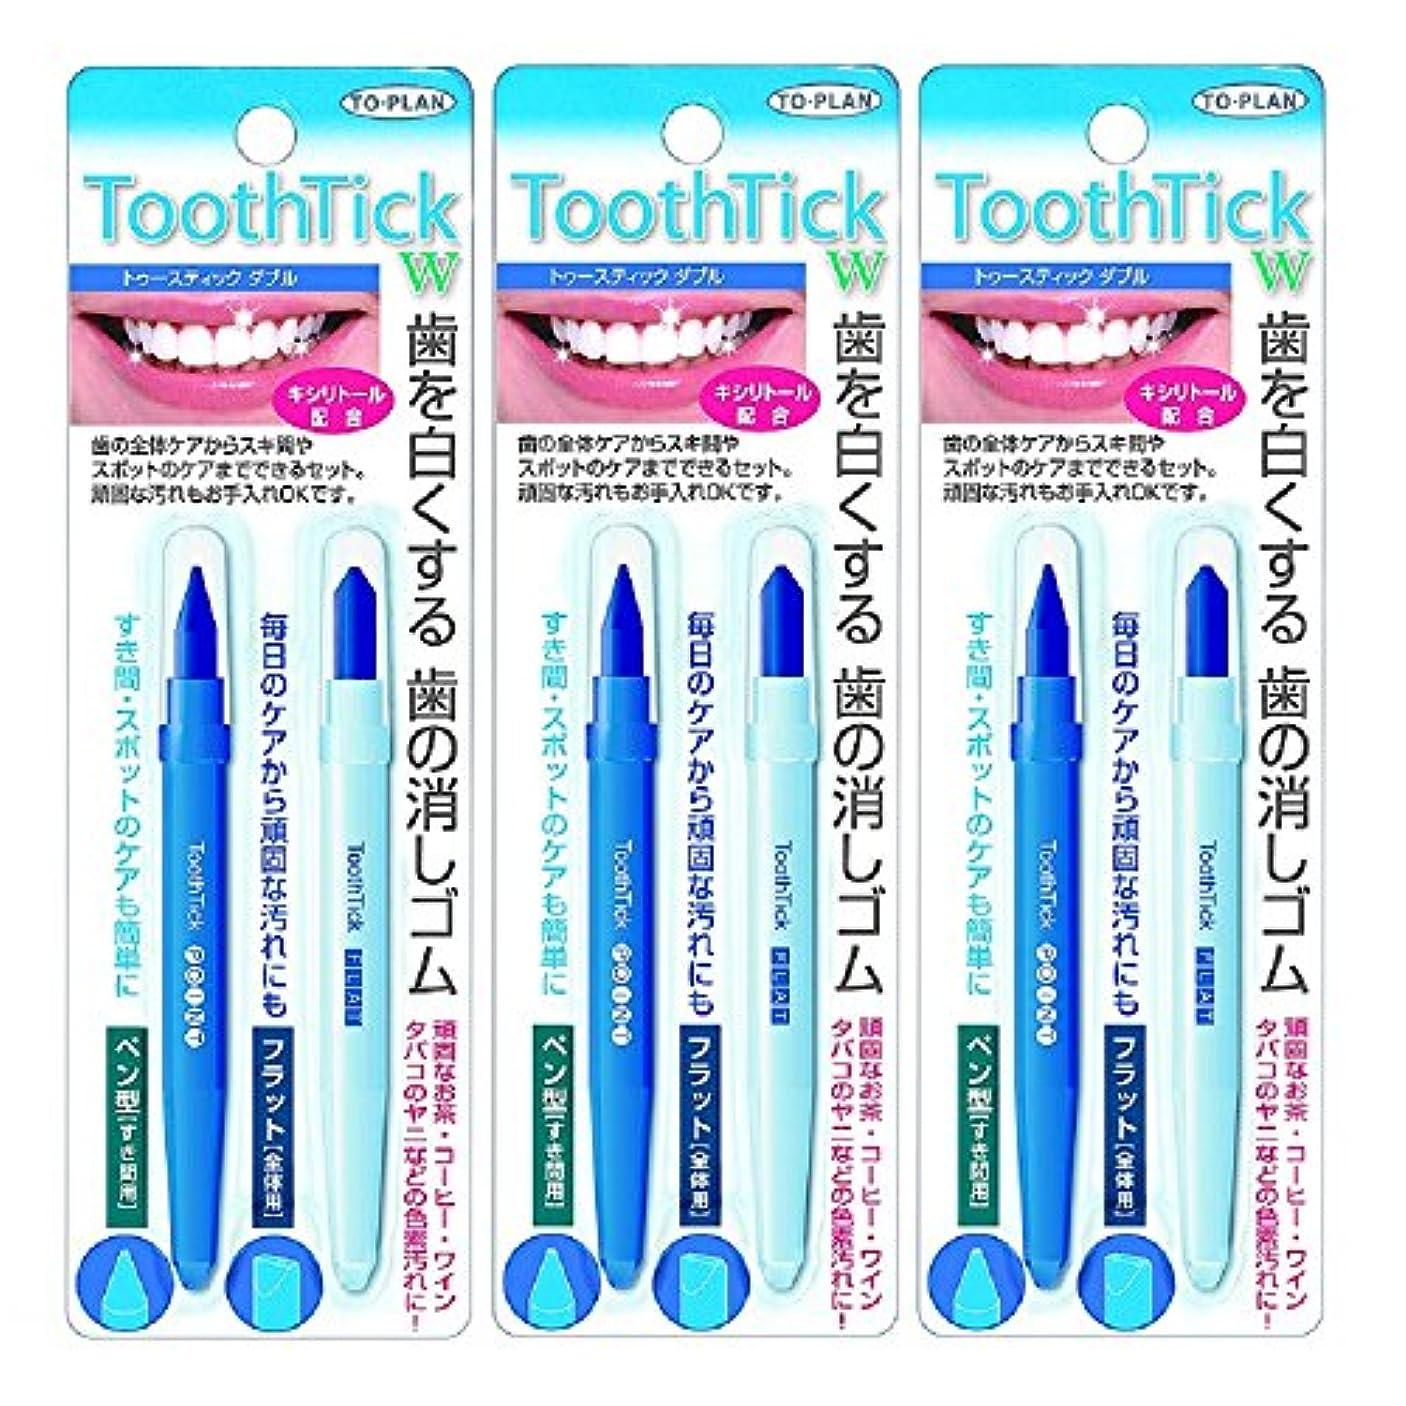 メドレー消化優越トプラン 歯の消しゴム トゥースティック ダブル TKSA-03 3個セット